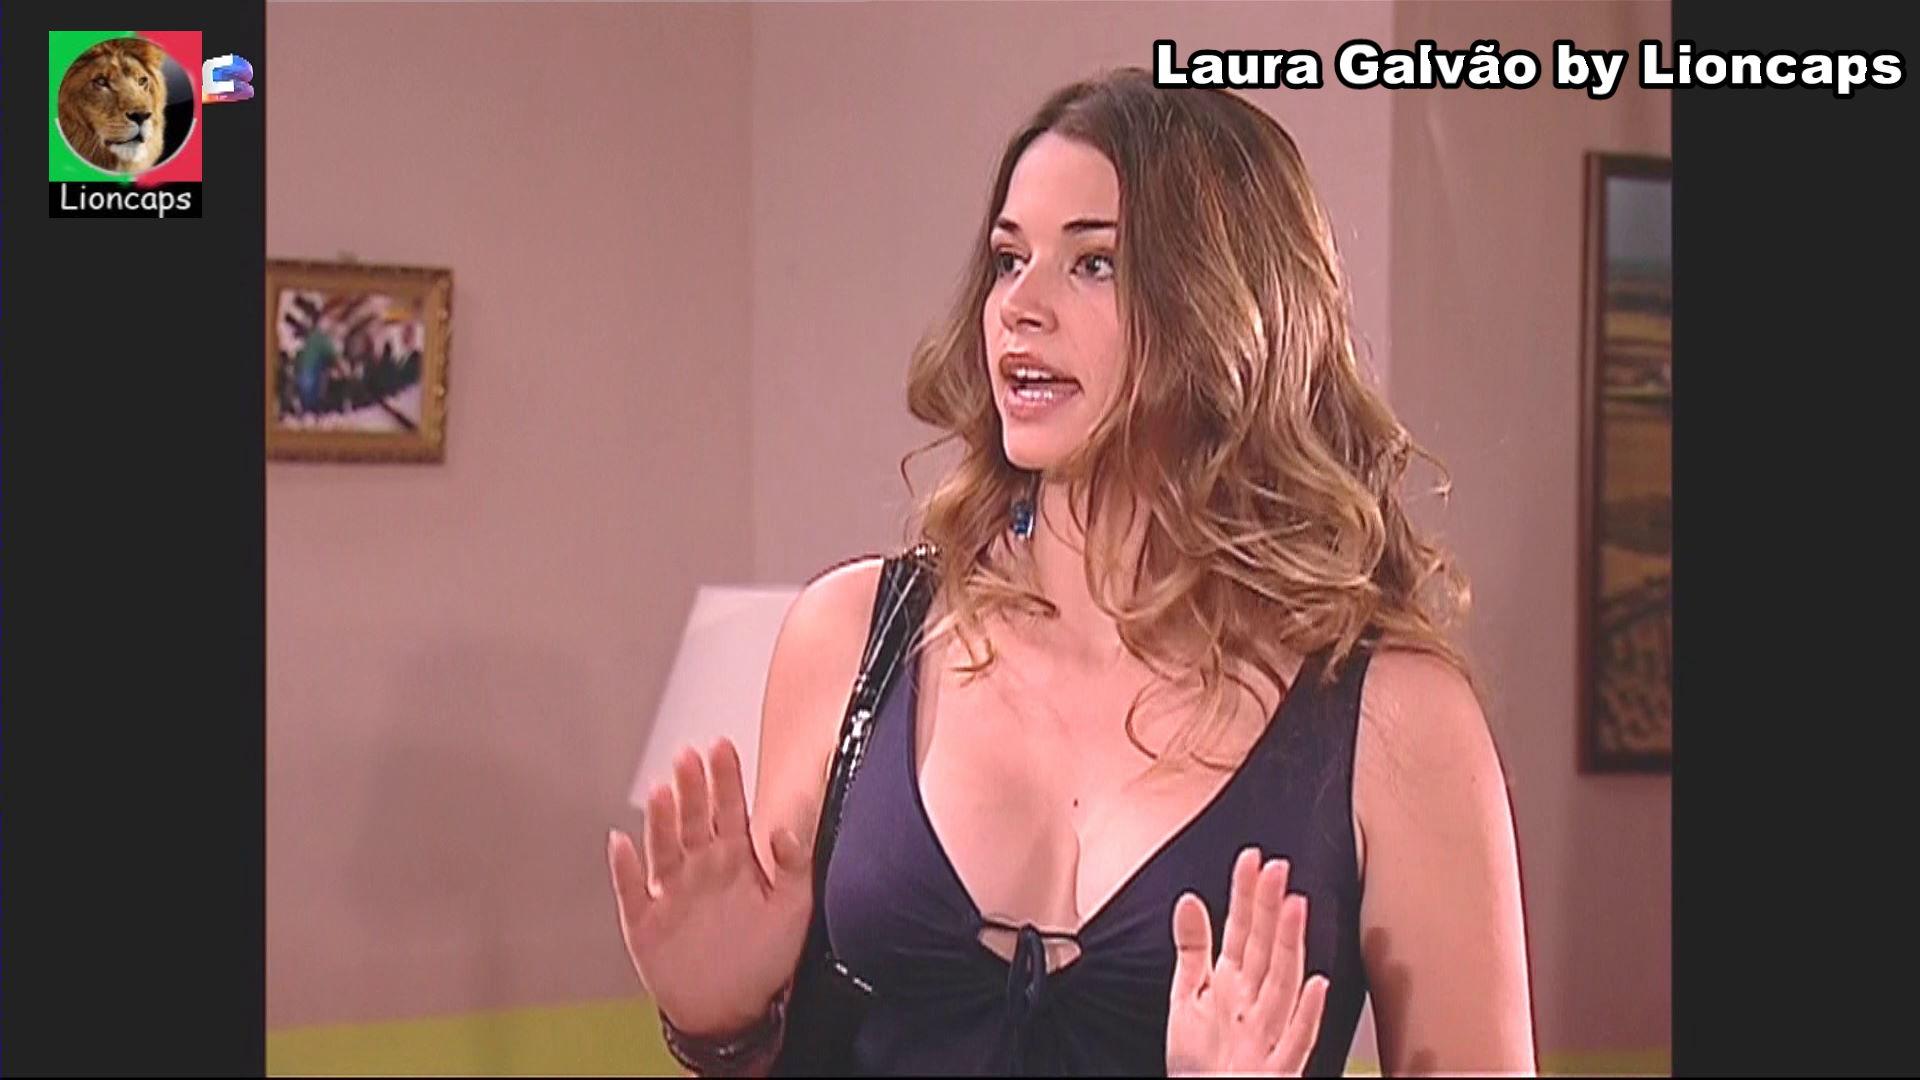 874624458_laura_galvao_vs181215_06311_122_511lo.JPG